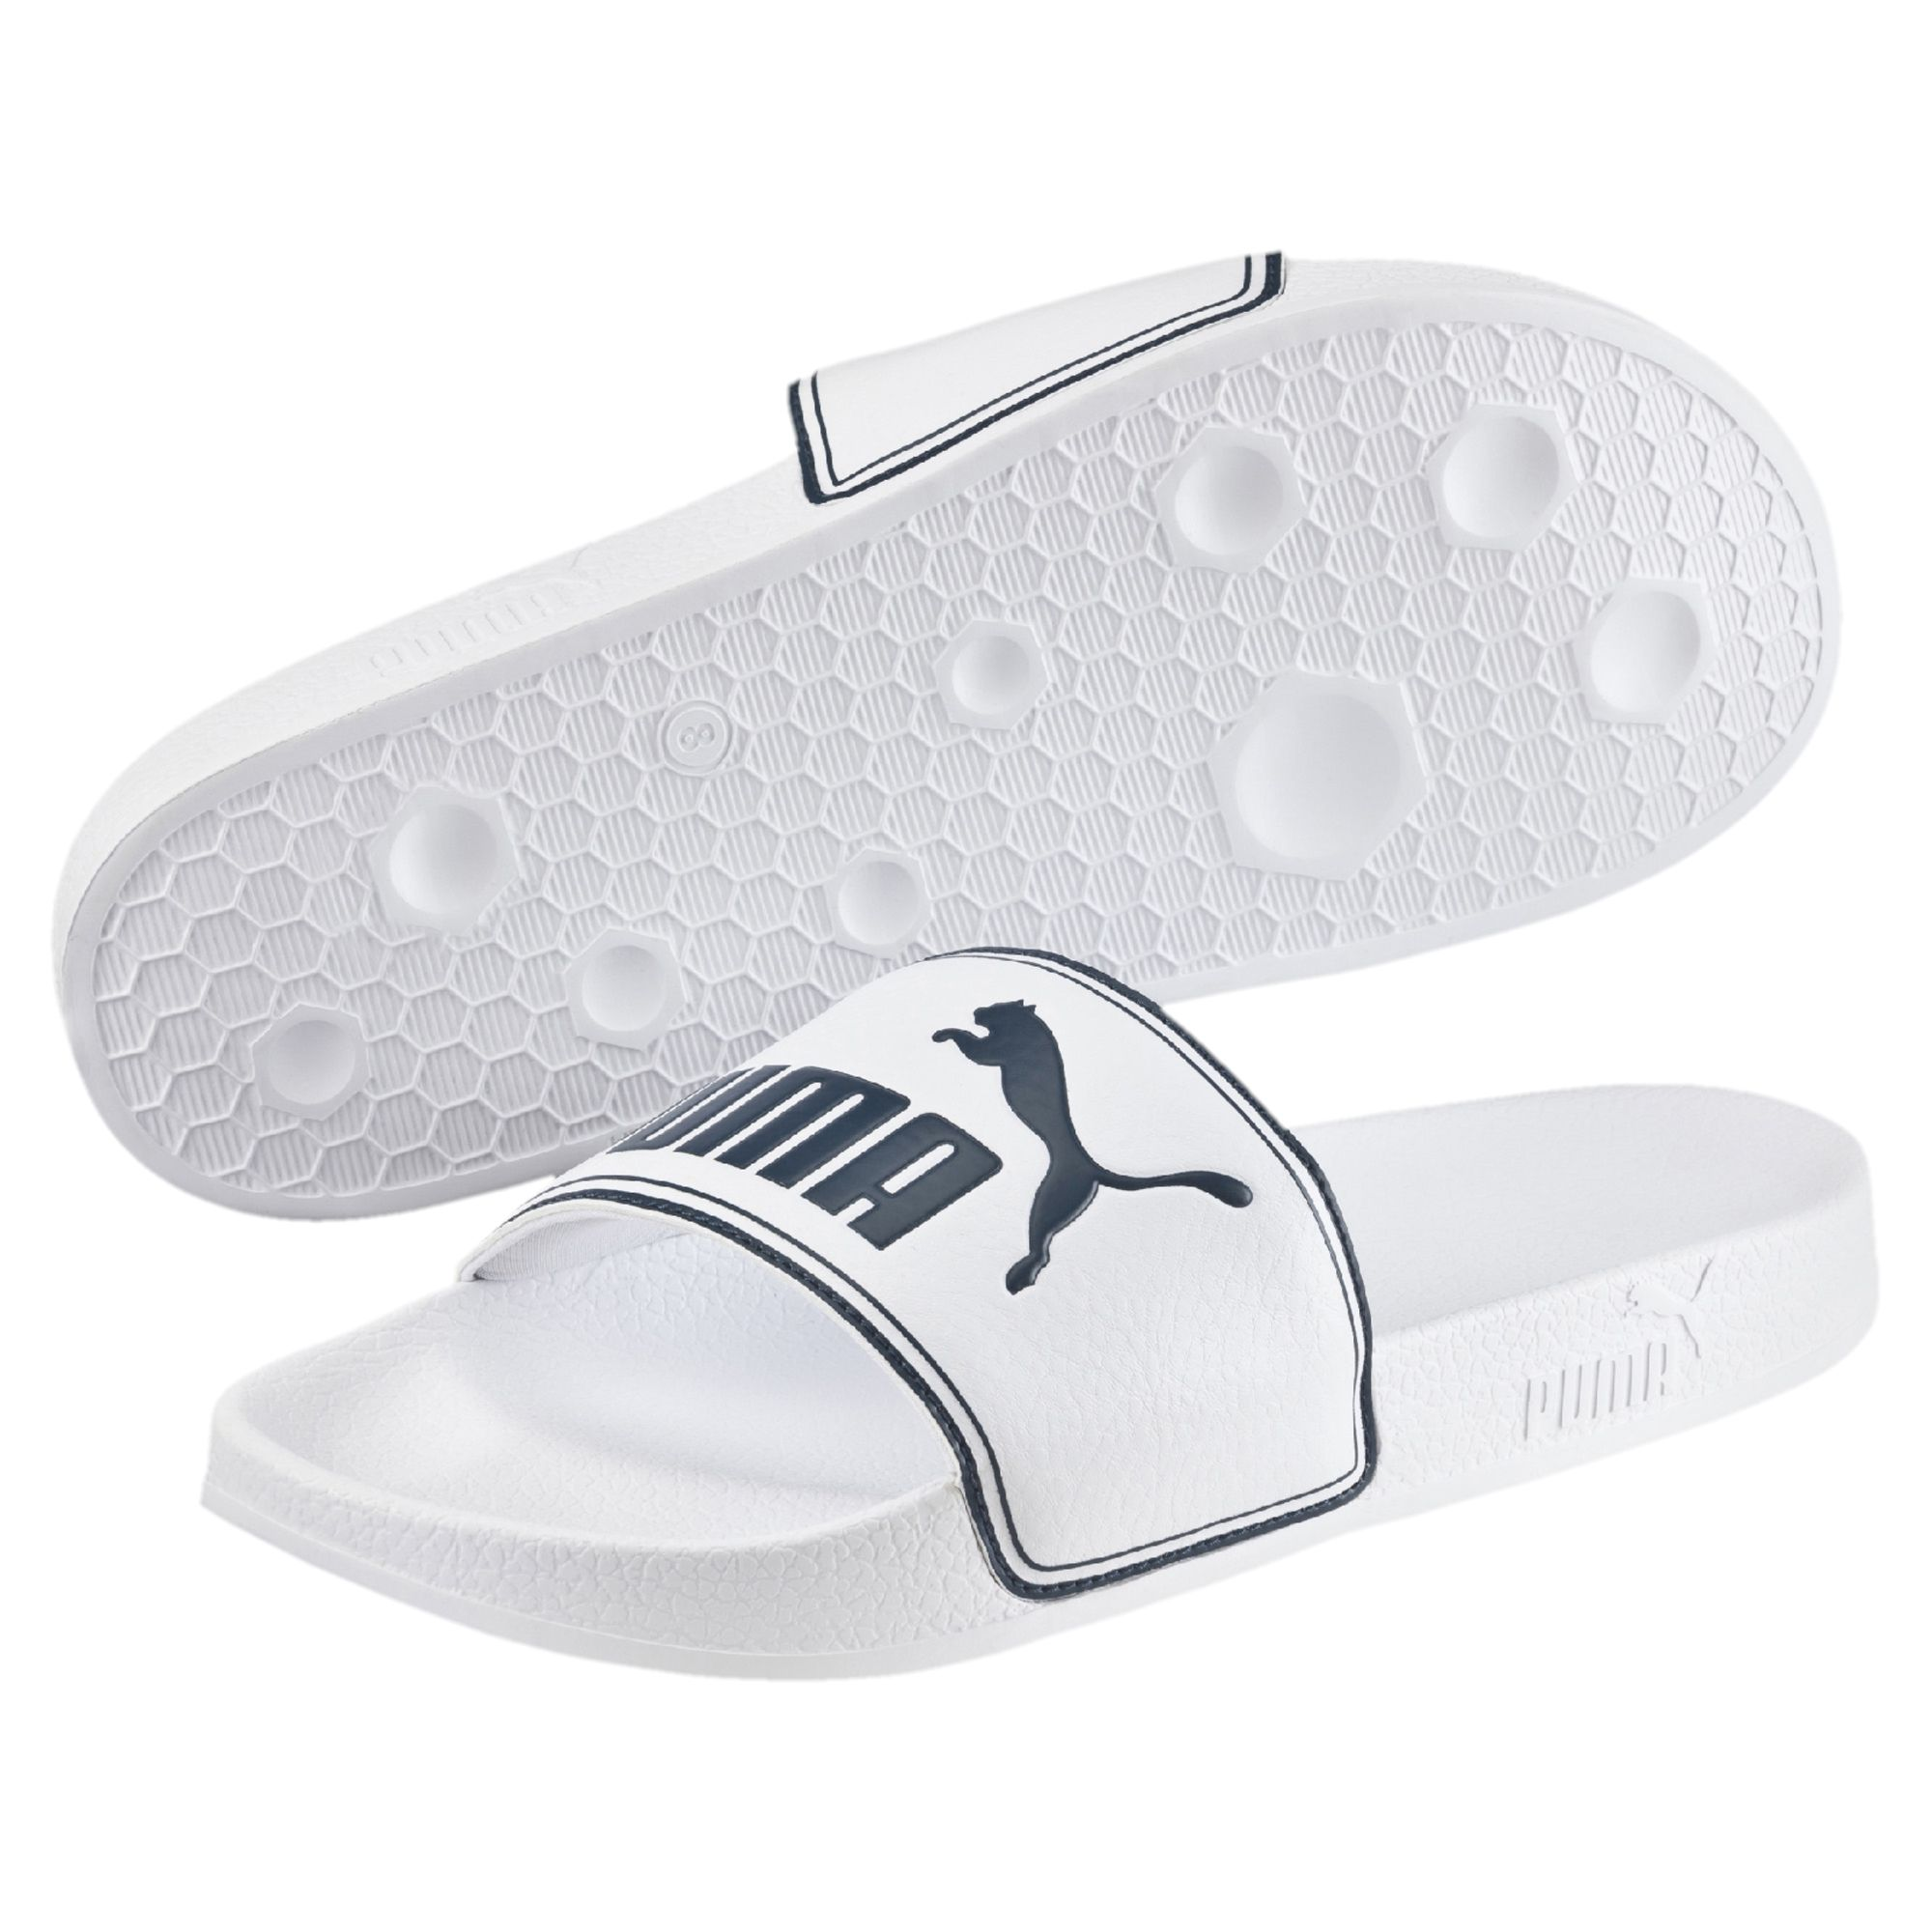 Détails sur PUMA Chaussure de bain Leadcat Slide Unisexe Sandales NatationPlage Neuf